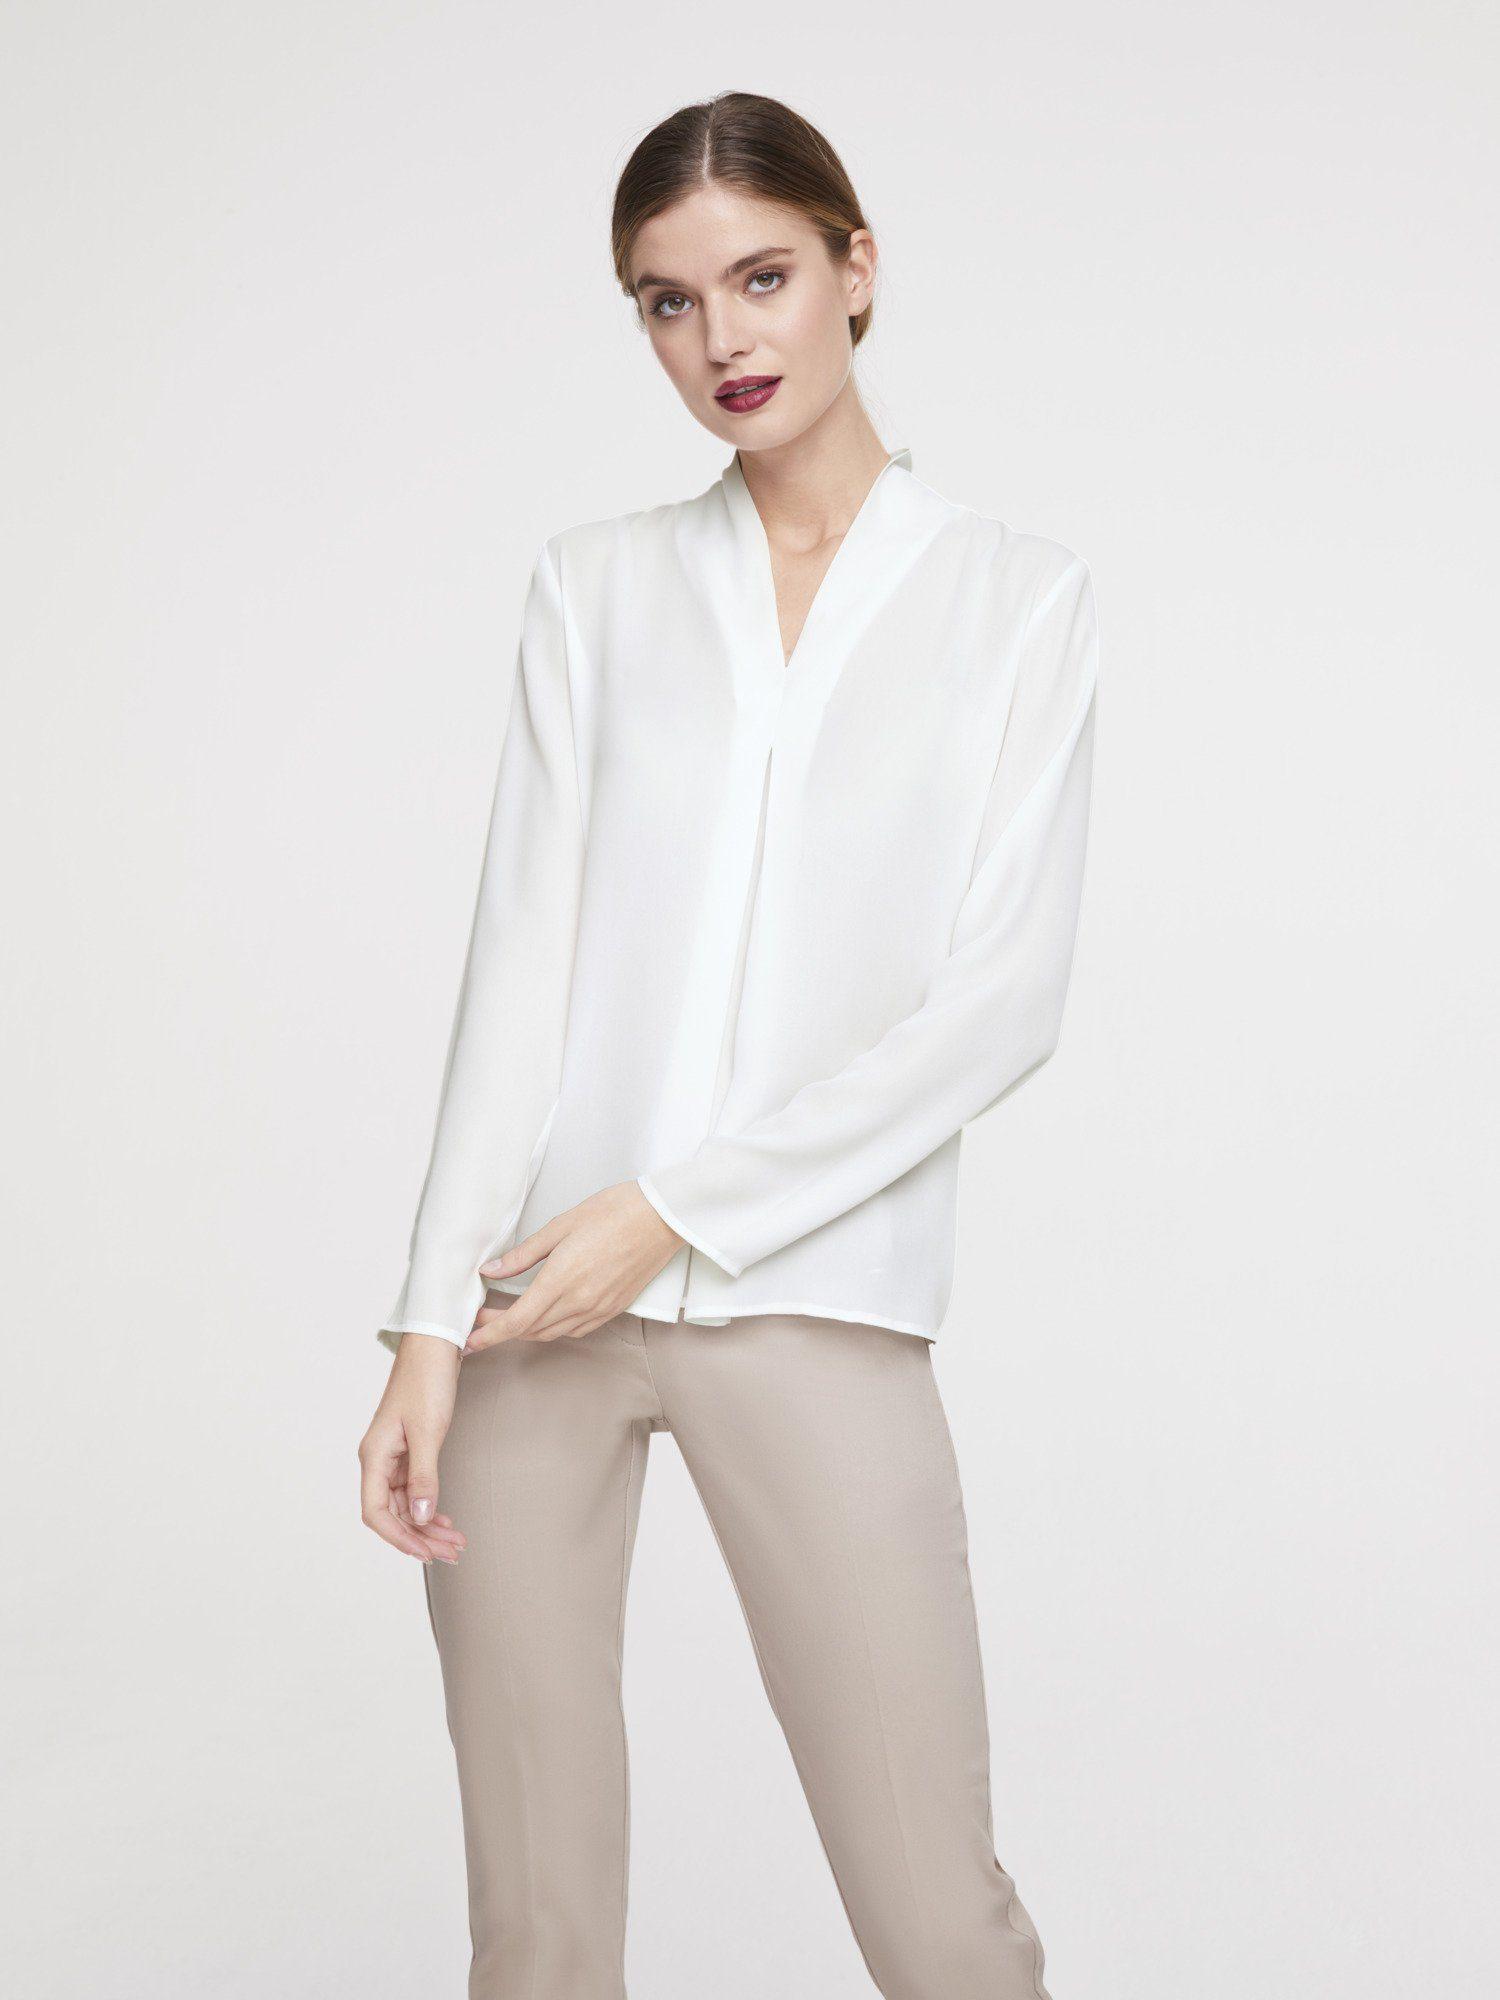 Shorts Short Pants 32 S weiss silber creme offwhite glitzer Hose Kurz marmoriert